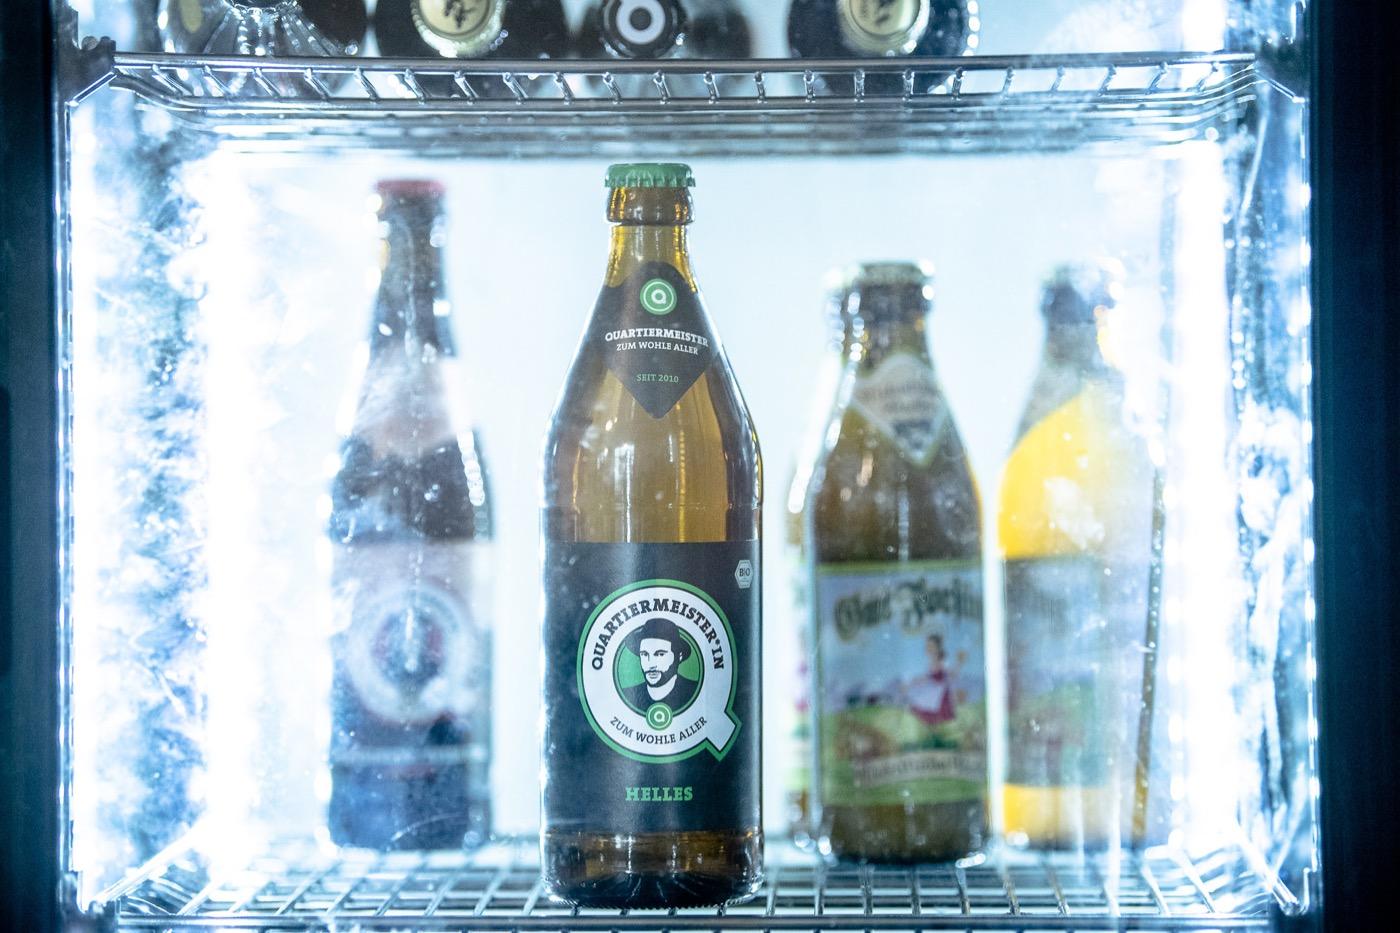 Anfangs wurde das Bier vor allem in Spätshops und Kneipen verkauft.